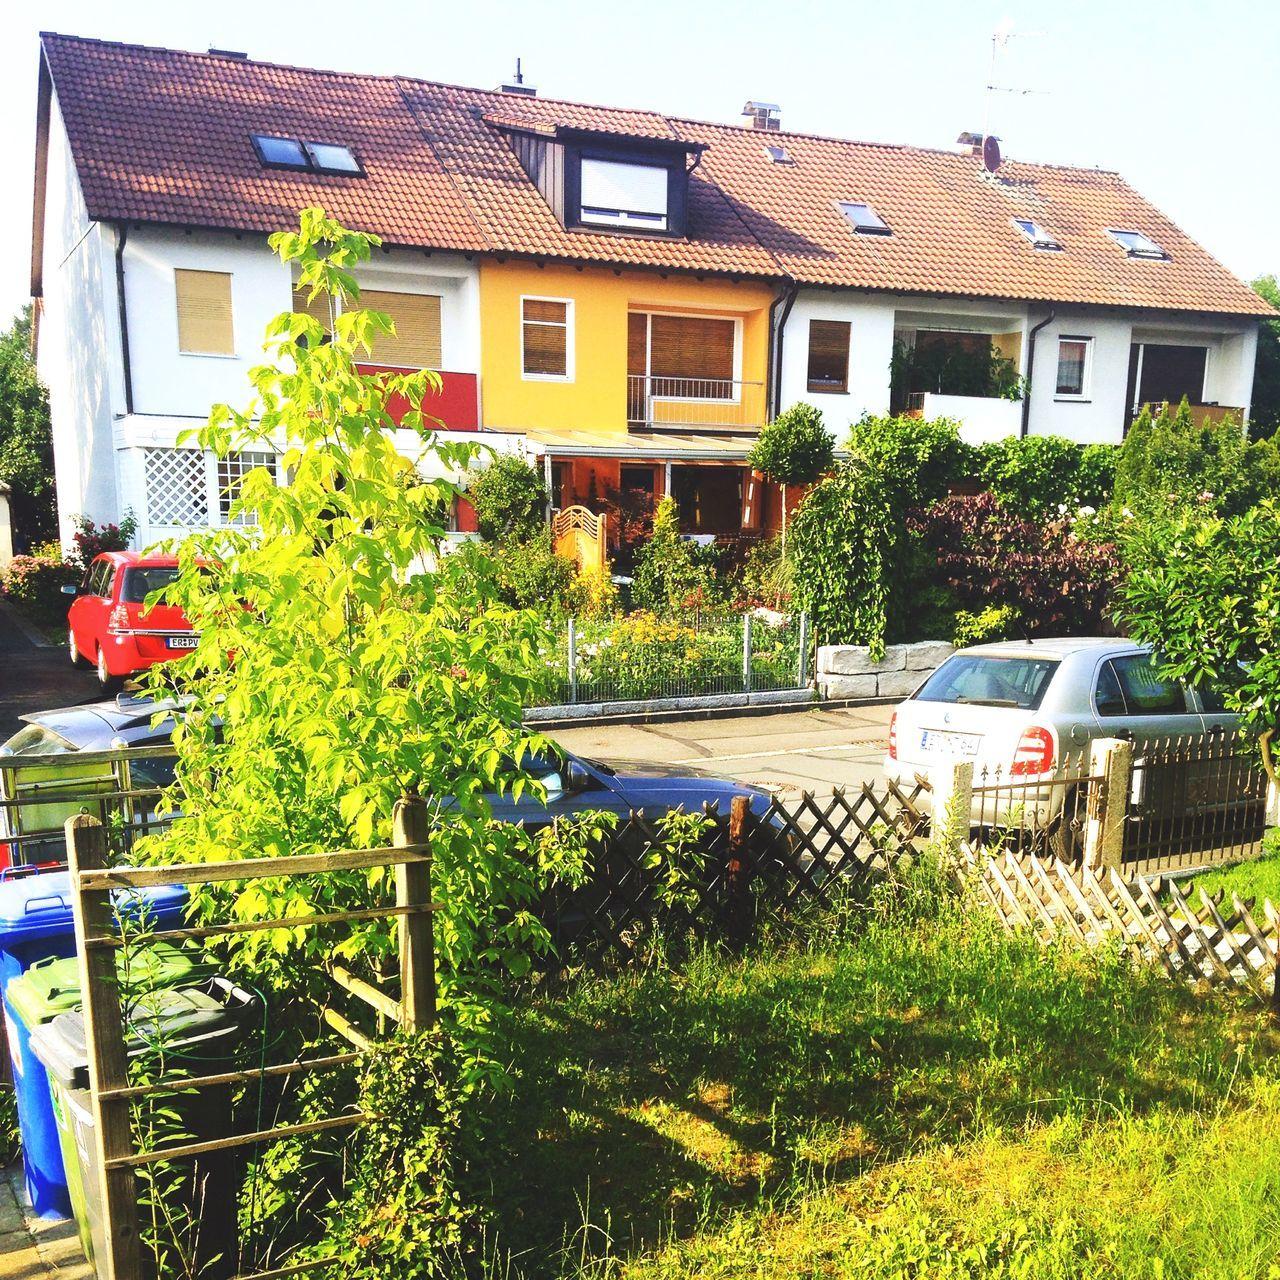 What a special colourful neighbourhood Erlangen